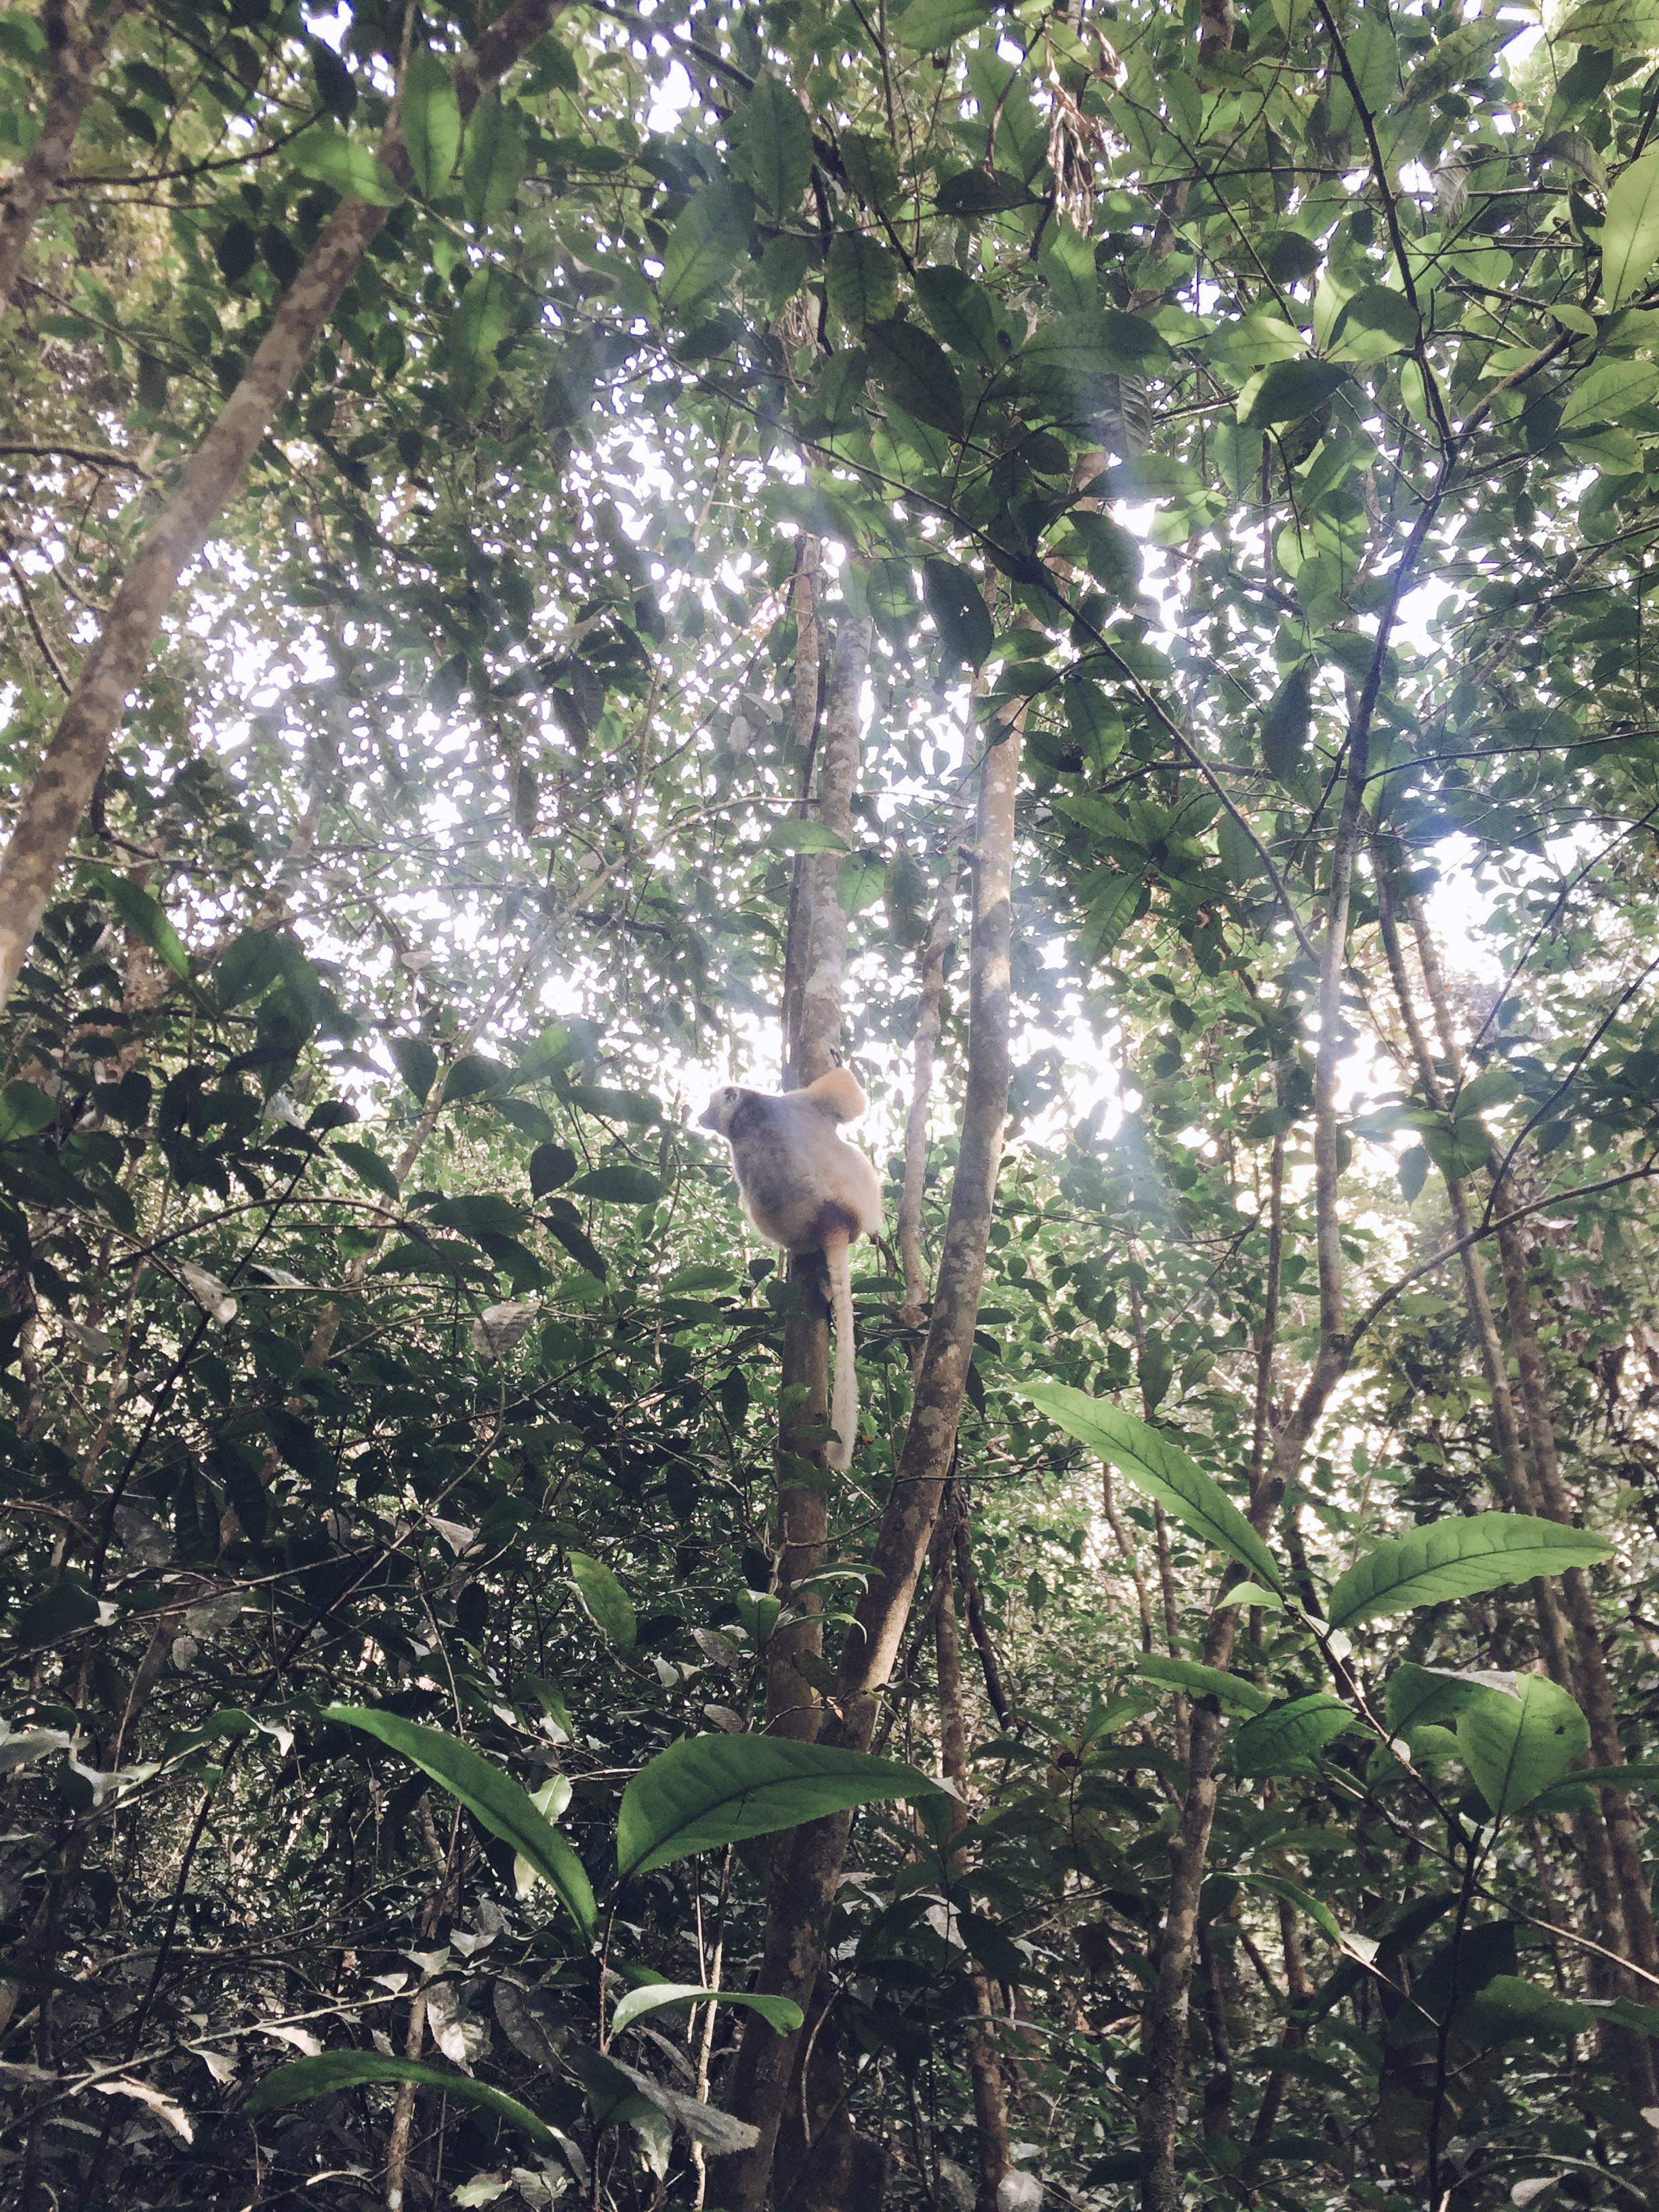 Andasibe - Madagascar (2018) - photo taken by Fanja Ralaimaro